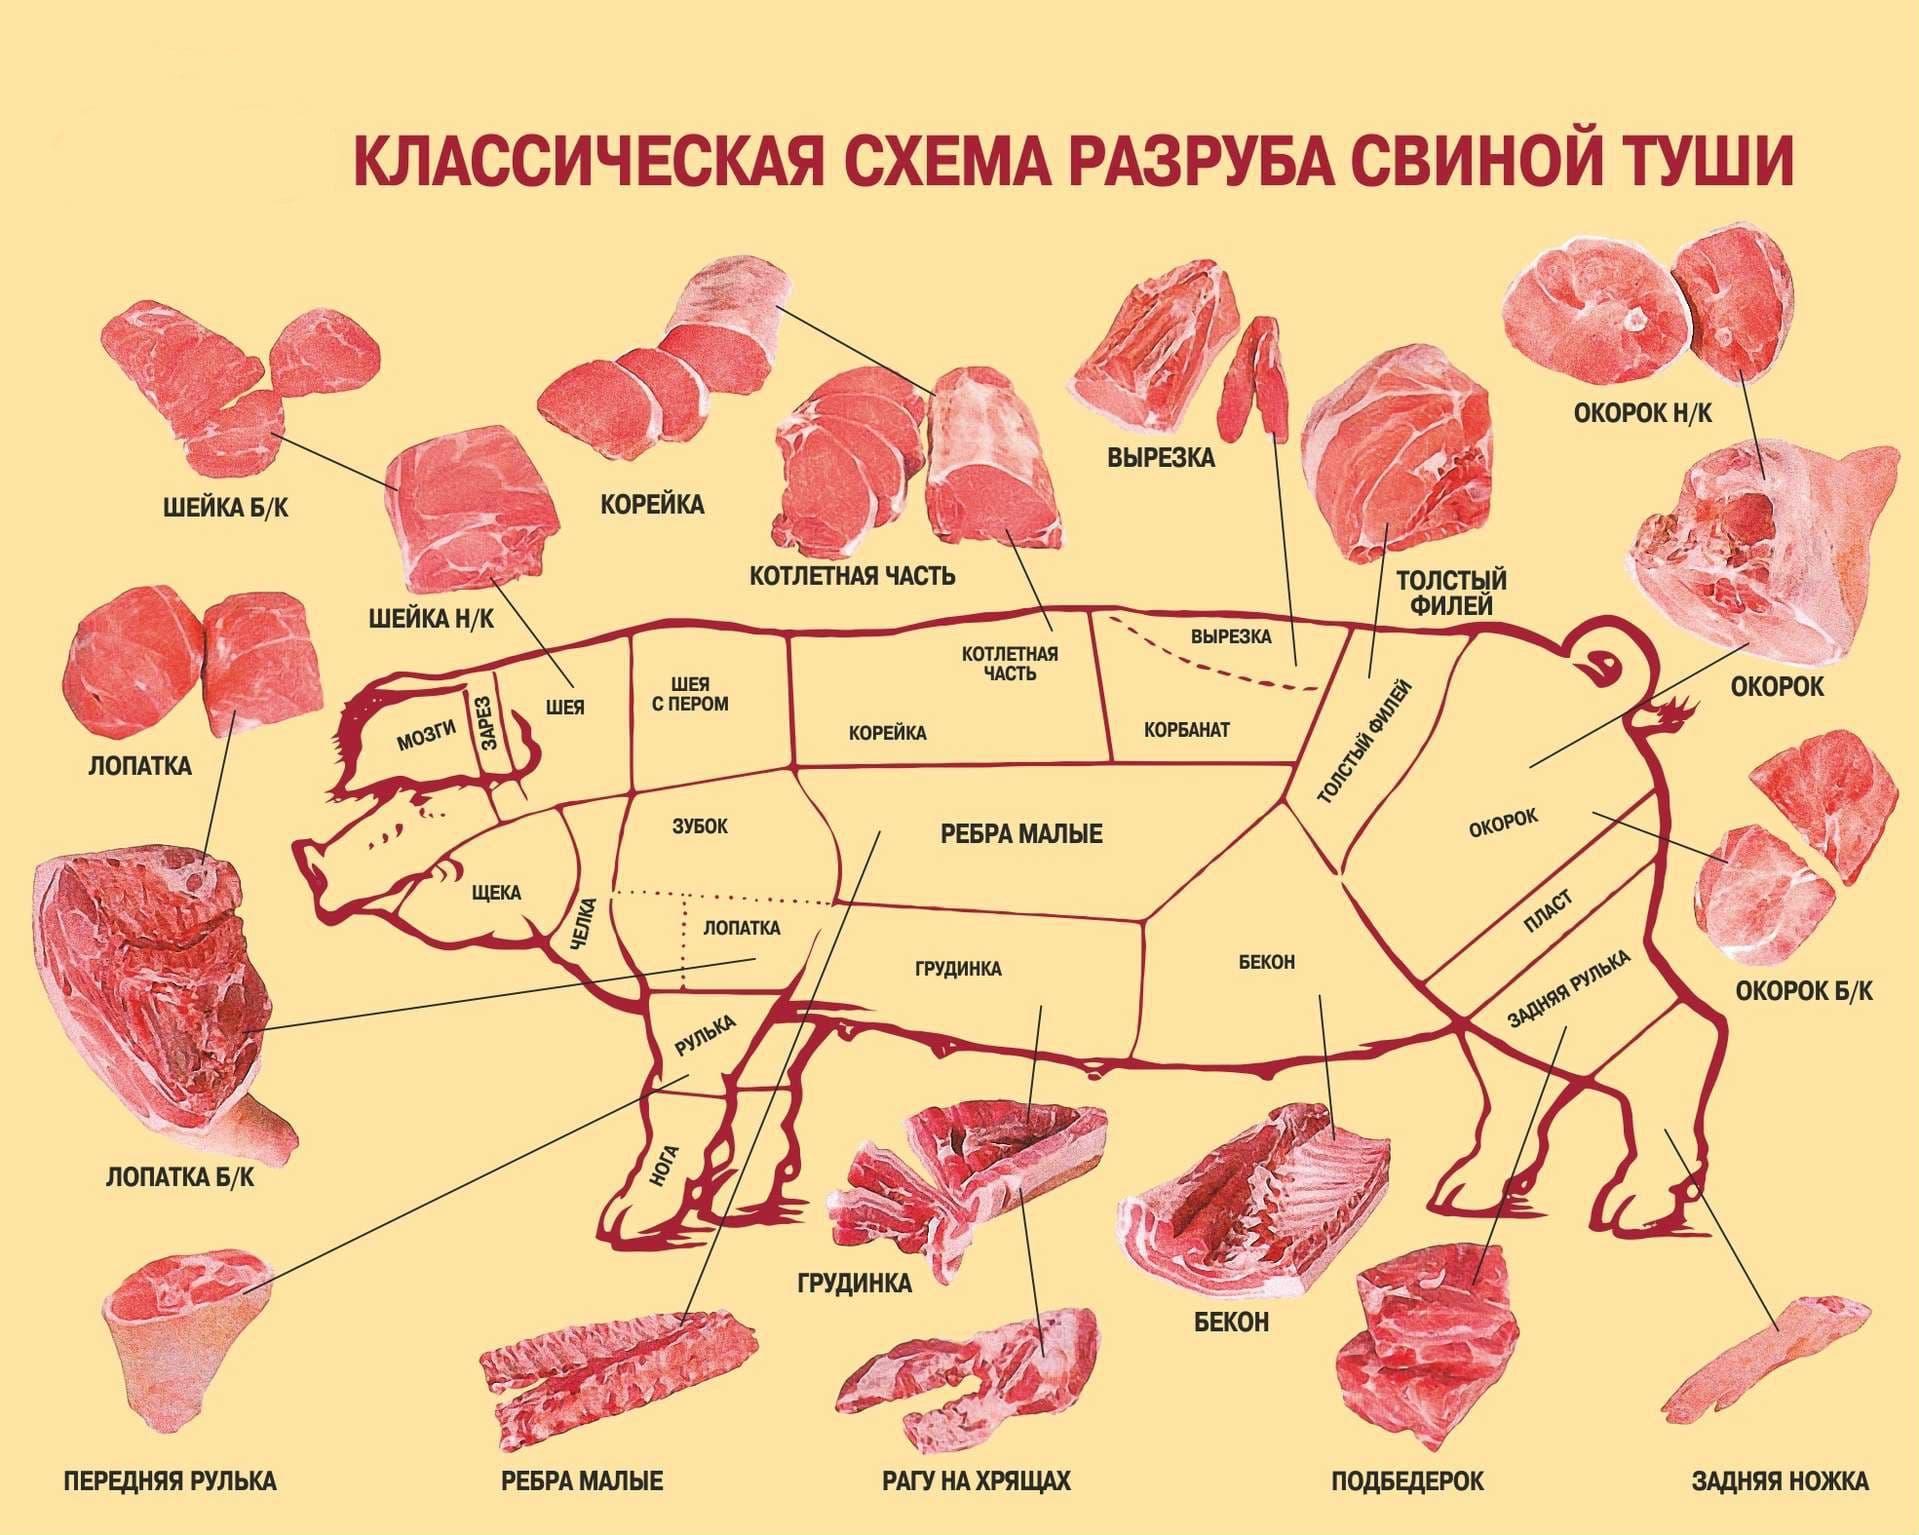 Схема разделки свиной туши, названия частей тела животного